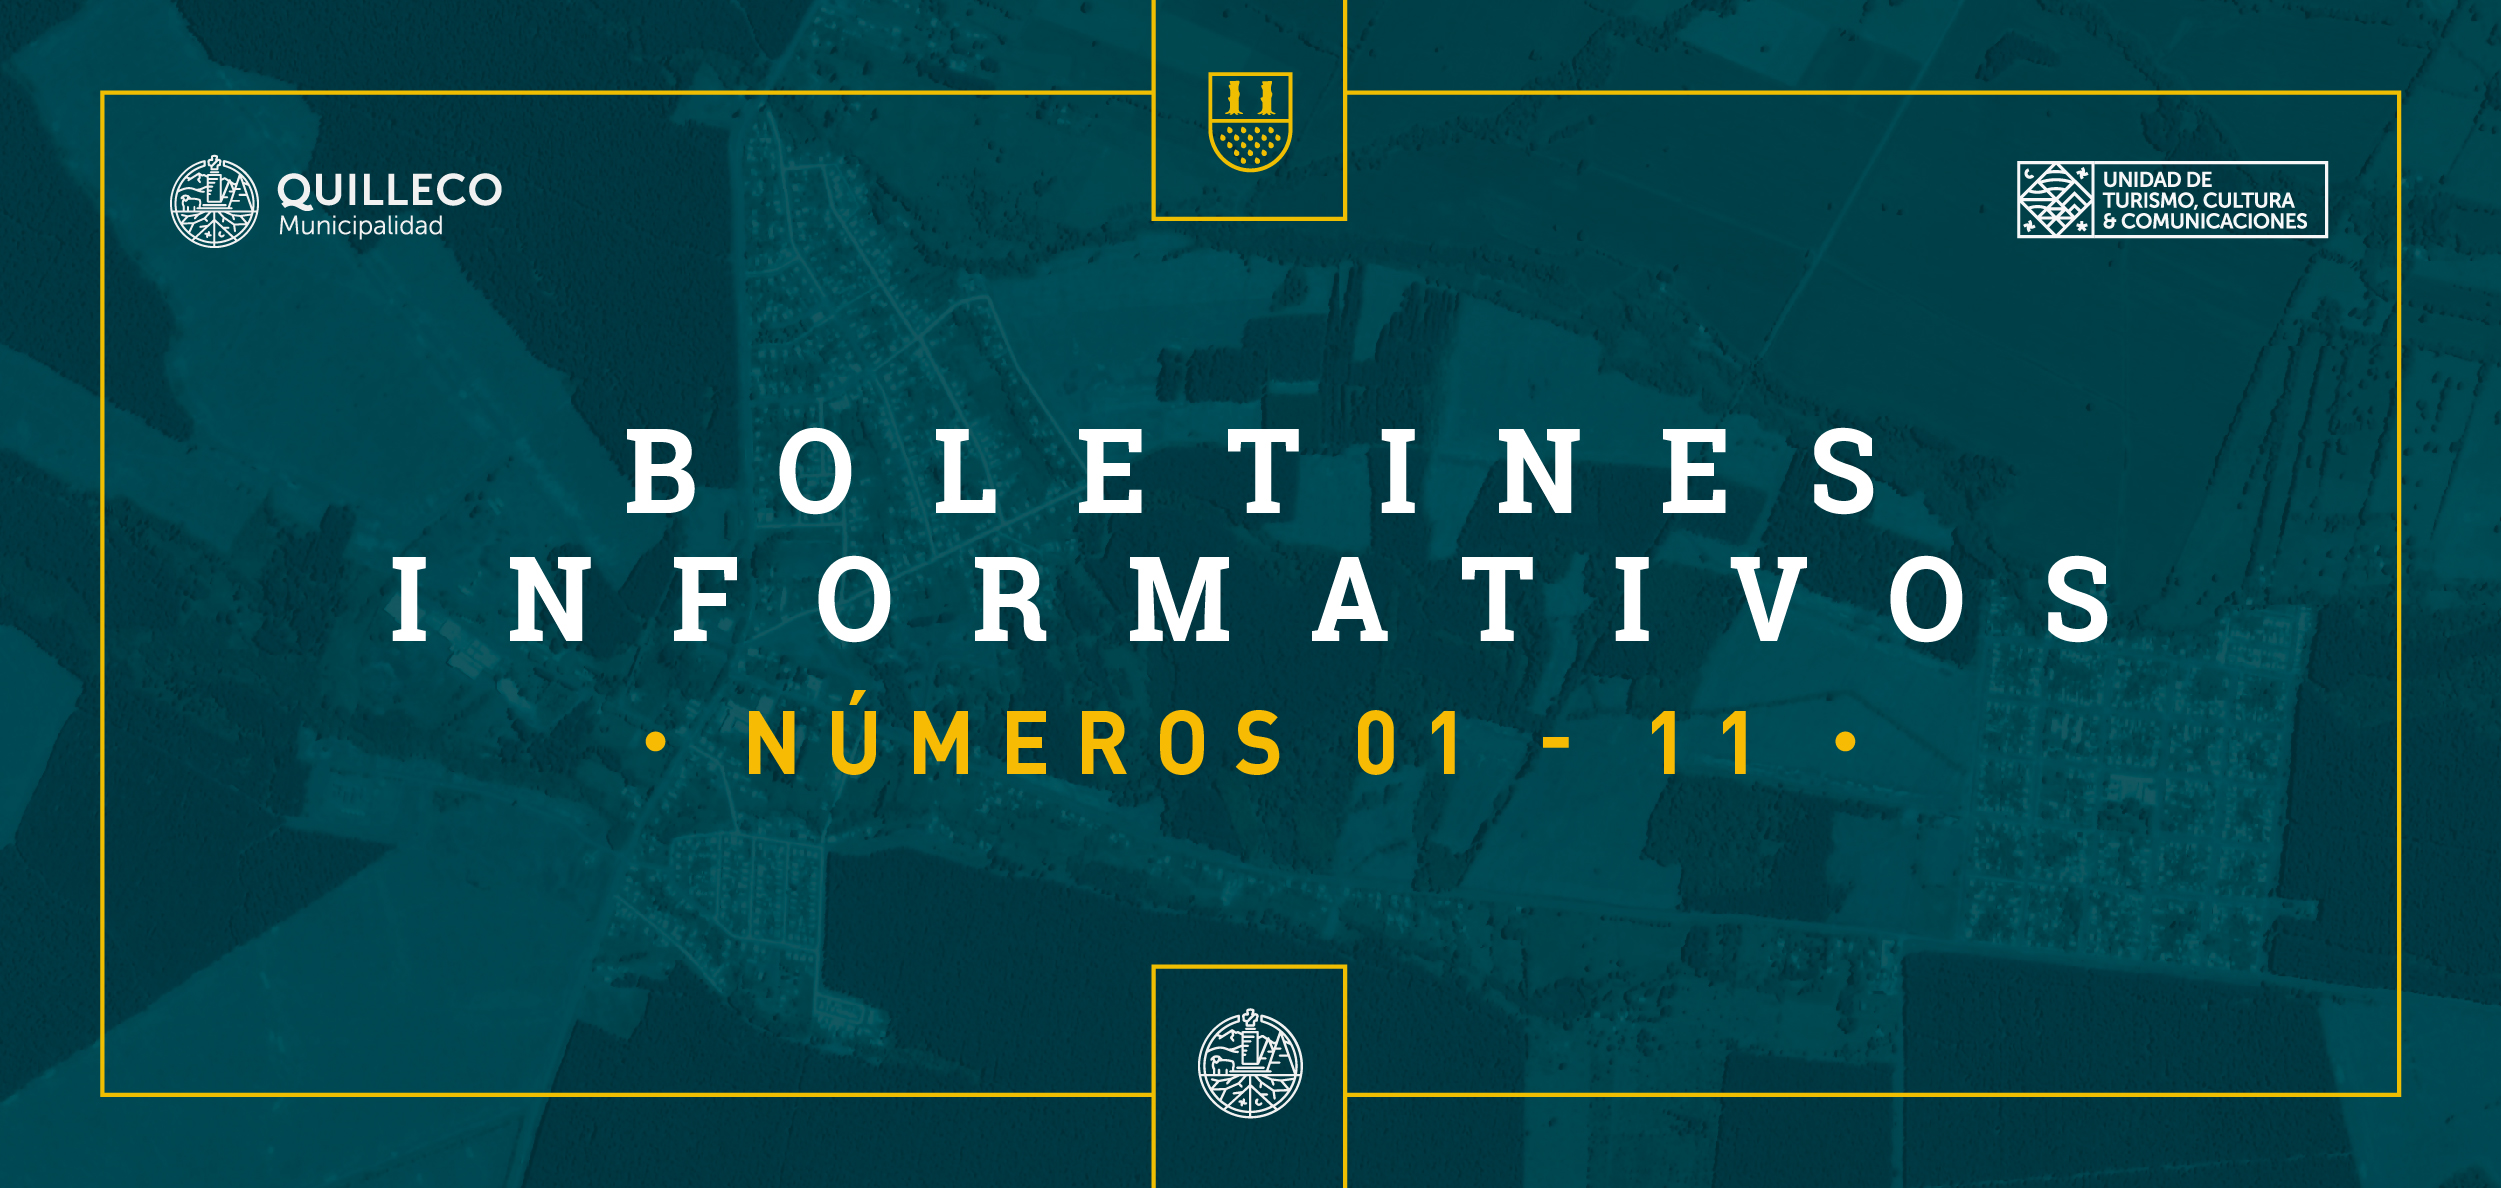 ATENCIÓN: Aquí puedes descargar los boletines informativos municipales desde nuestra primera edición hasta la última, correspondiente al mes de mayo 2019